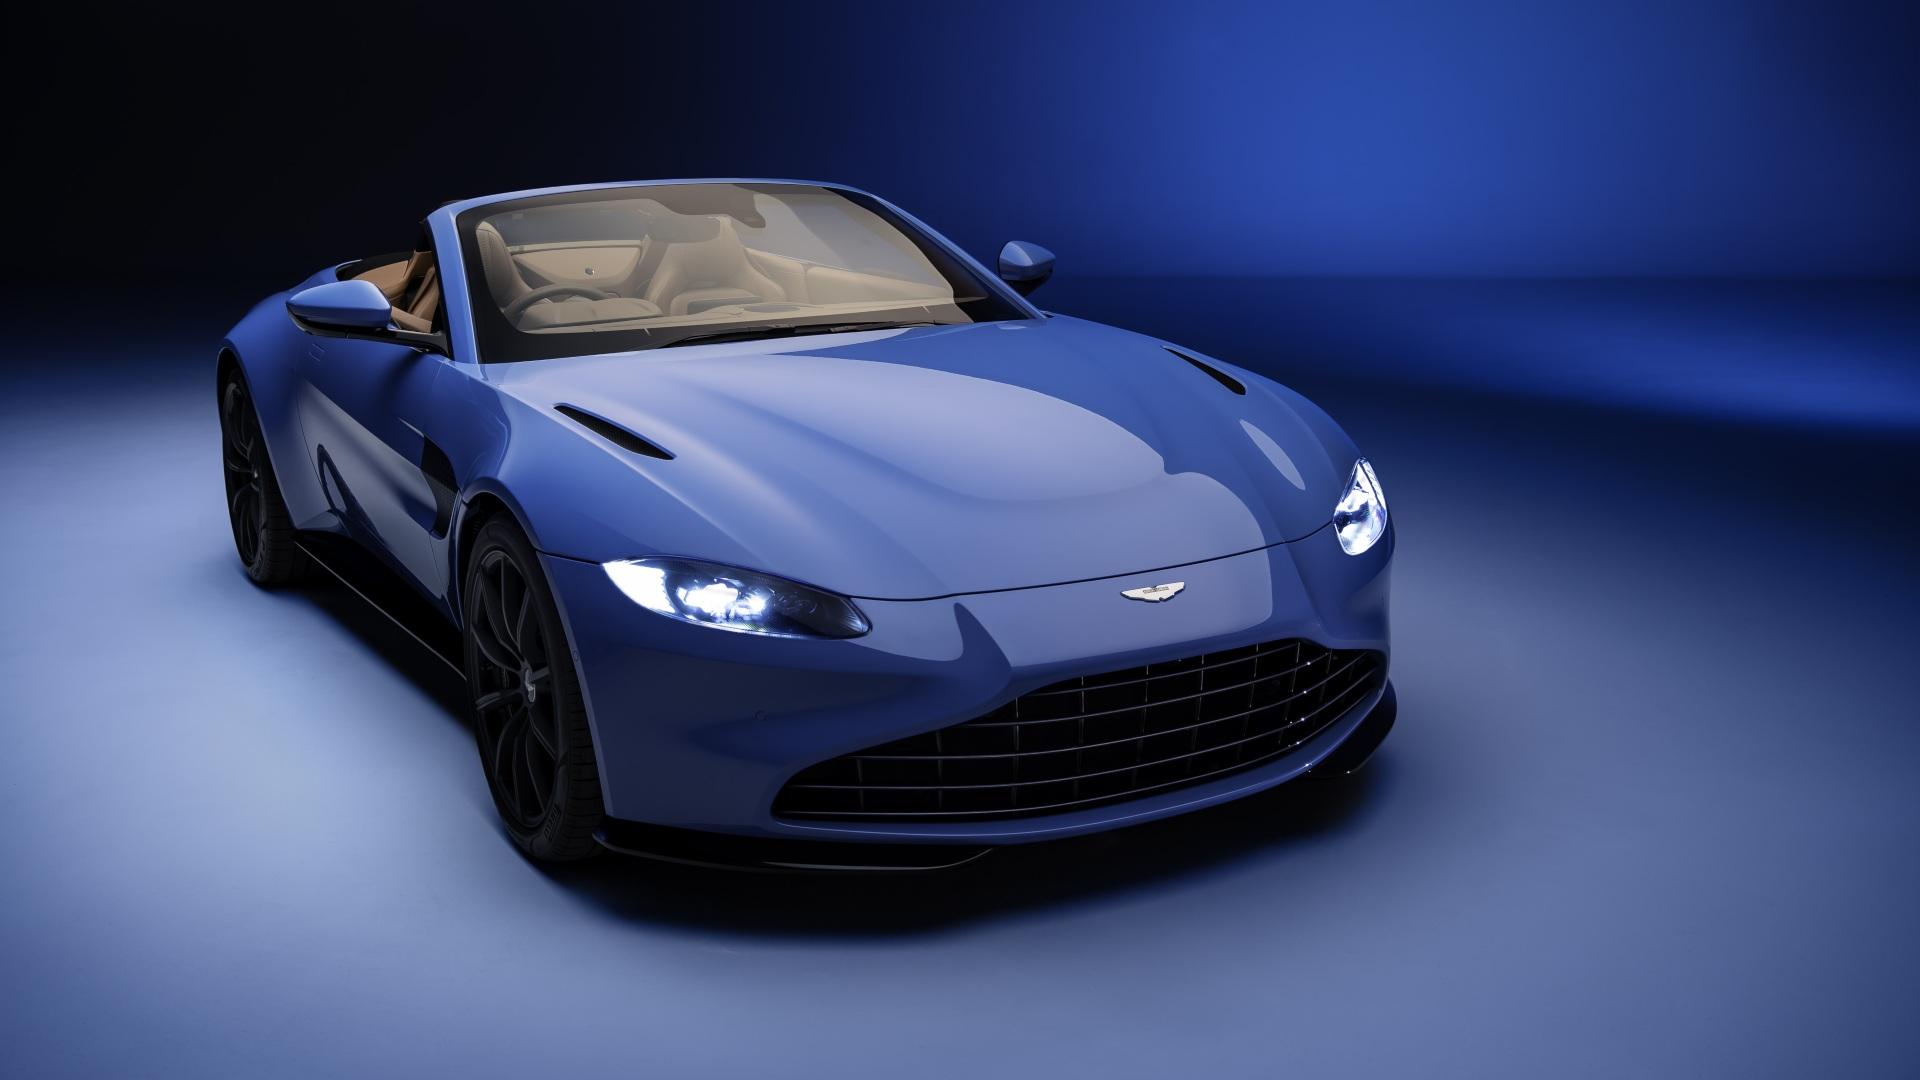 El Aston Martin Vantage Roadster 2020 llega a tiempo para el verano